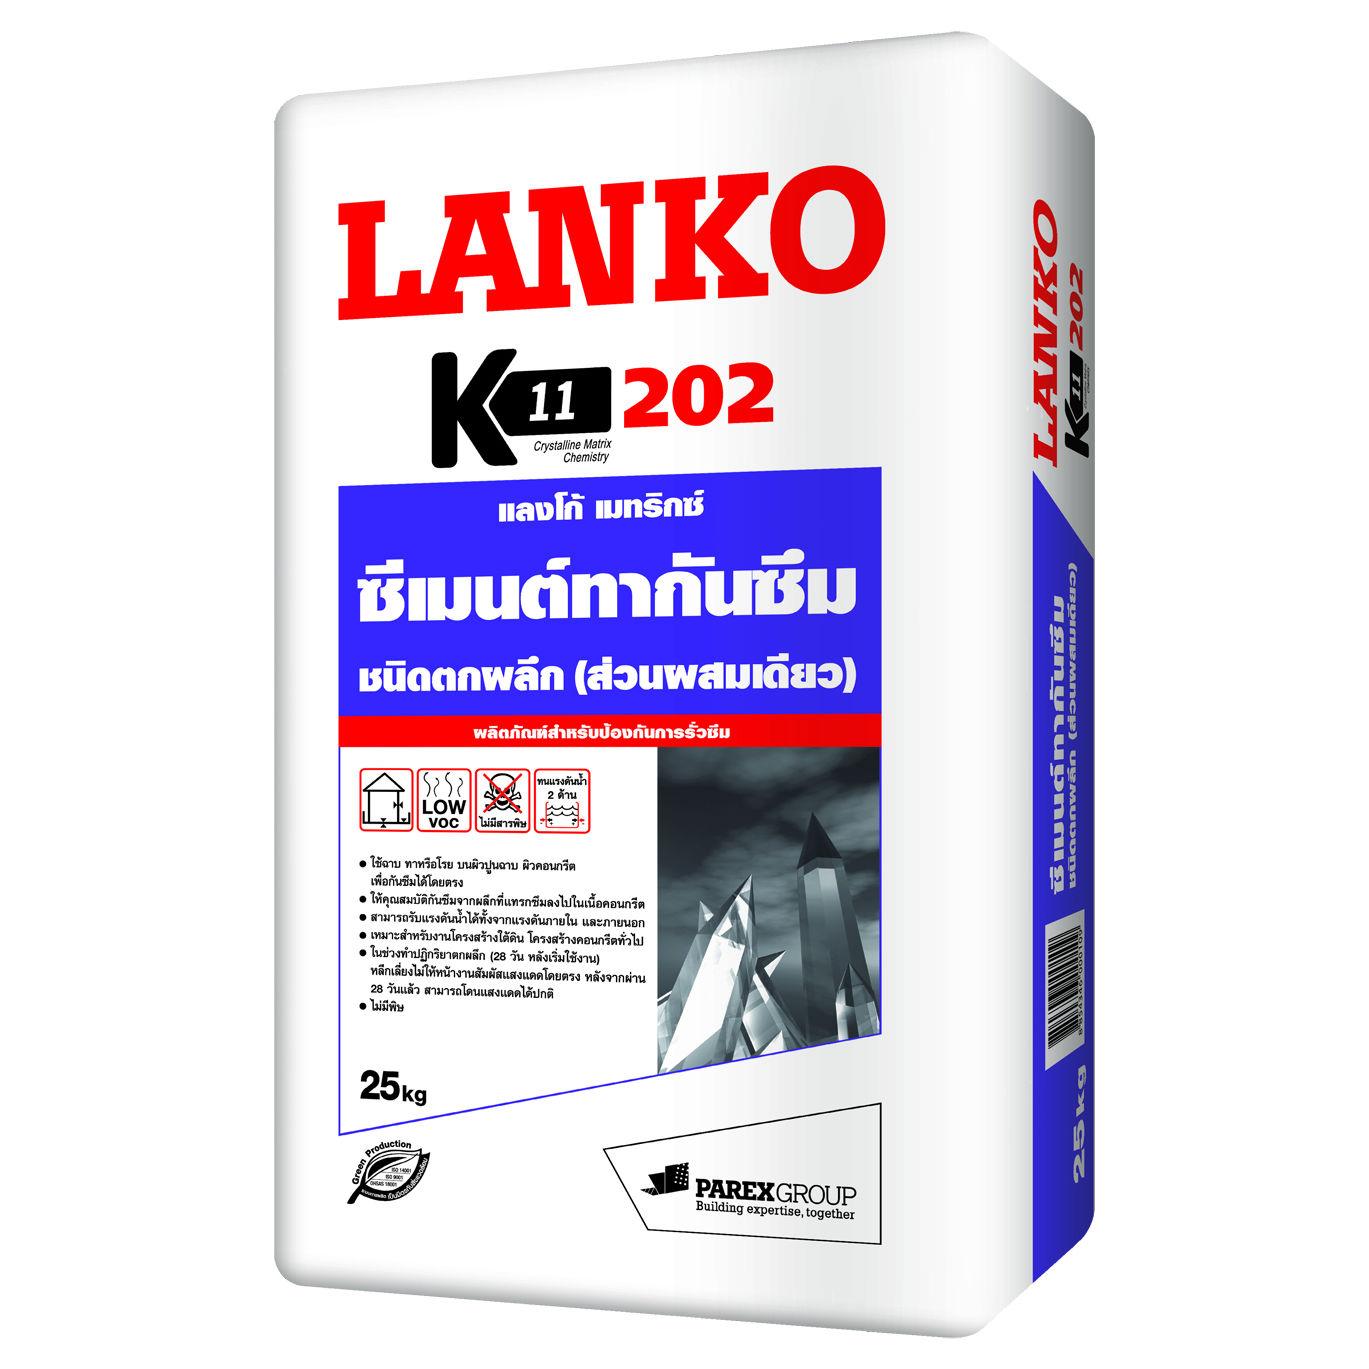 LANKO 202